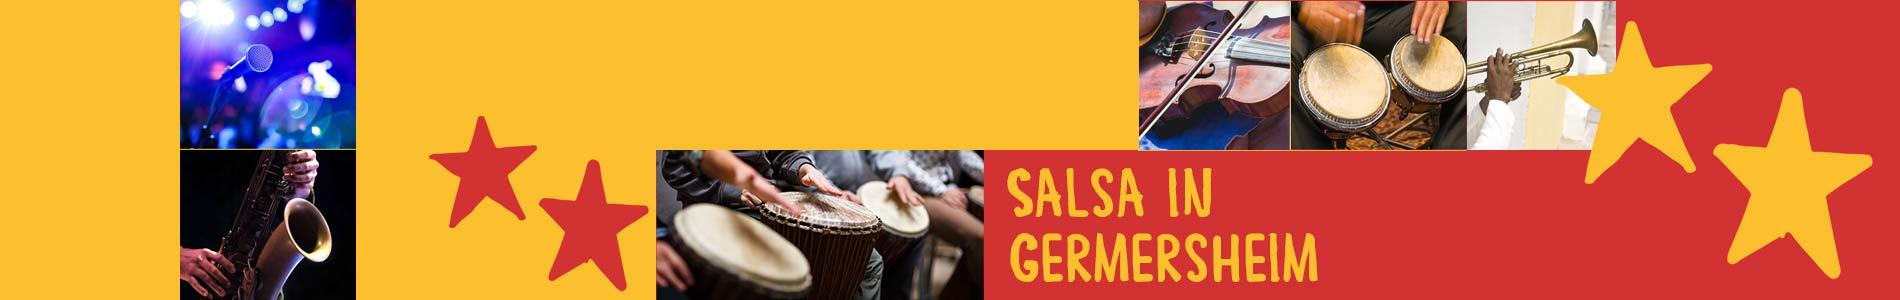 Salsa in Germersheim – Salsa lernen und tanzen, Tanzkurse, Partys, Veranstaltungen